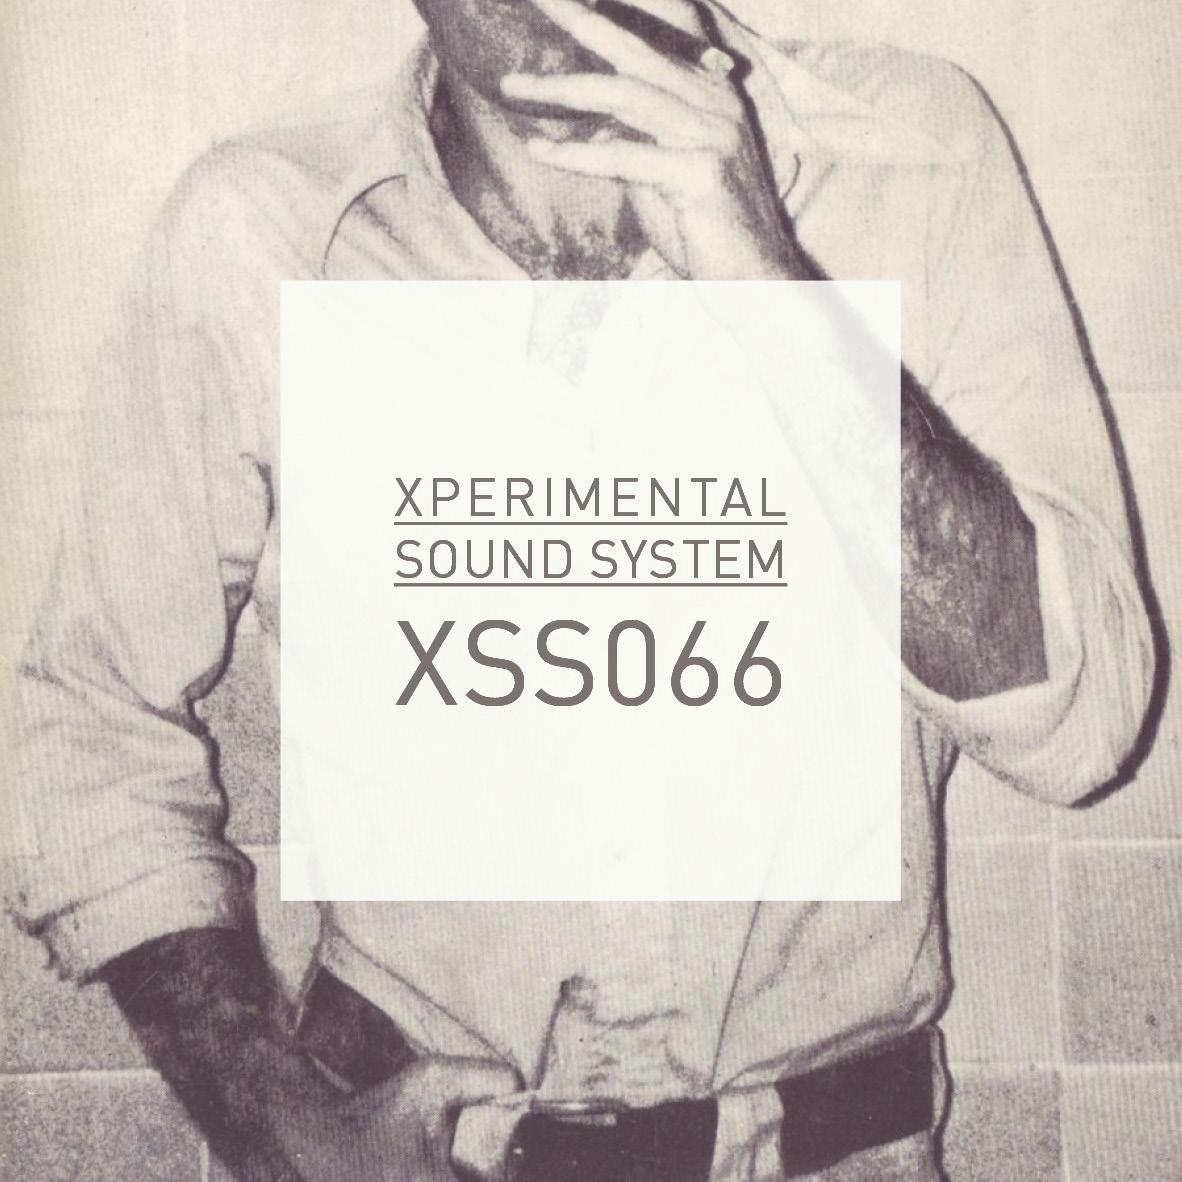 xss066